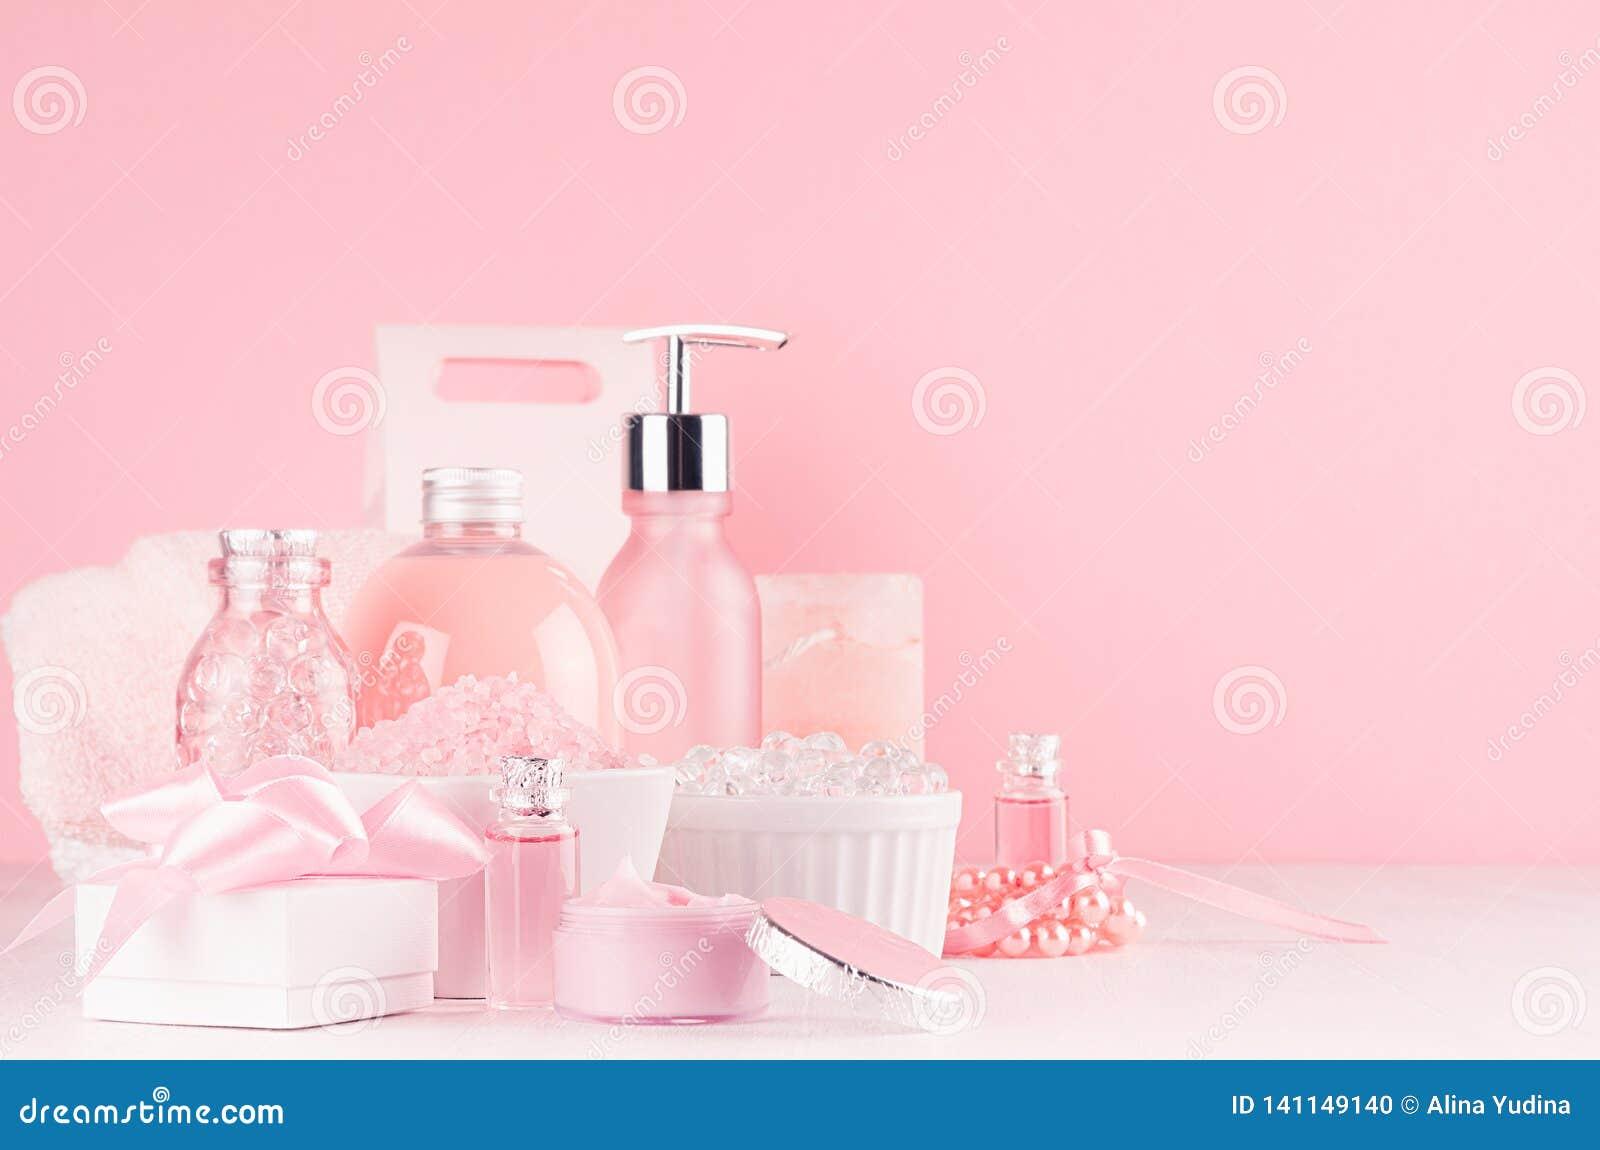 Leichte mädchenhafte Frisierkommode mit Kosmetikprodukten - stieg Öl, Badesalz, Creme, Parfüm, Baumwolltuch, Flasche, Schüssel, K